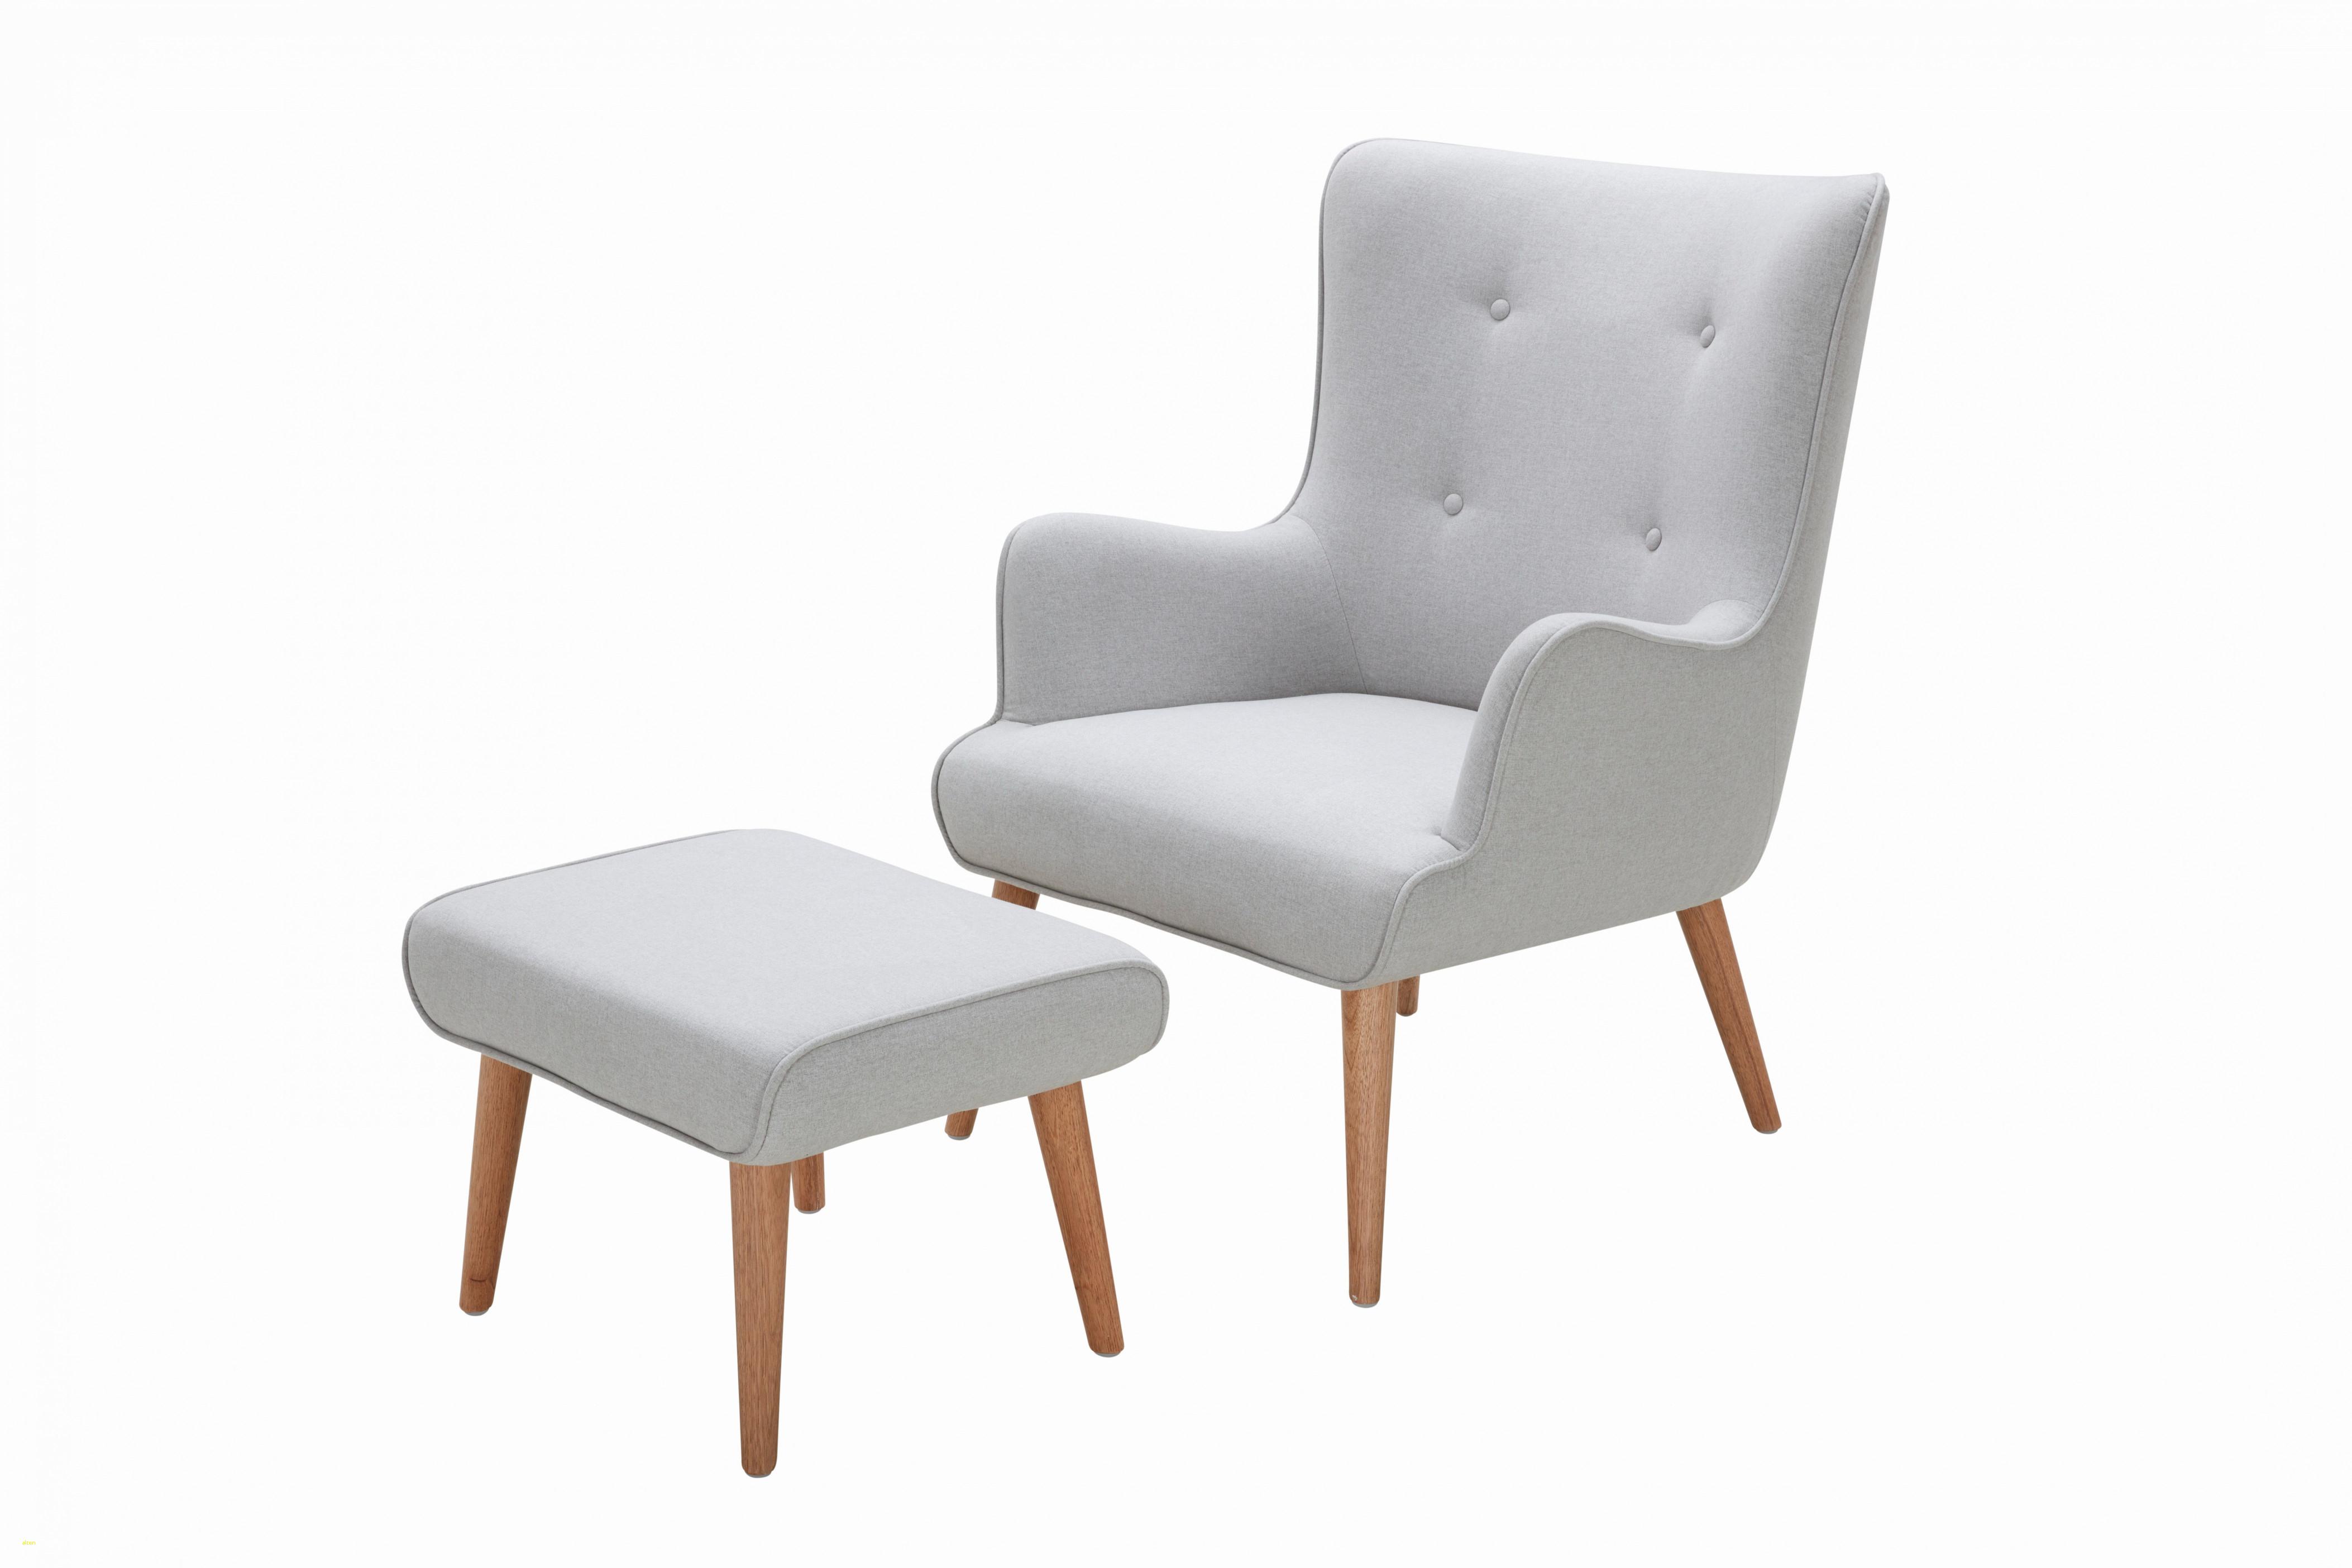 Table Kettler solde Beau Photos Chaises De Salon Fantastique Chaise Vintage Tissu Fauteuil De Table